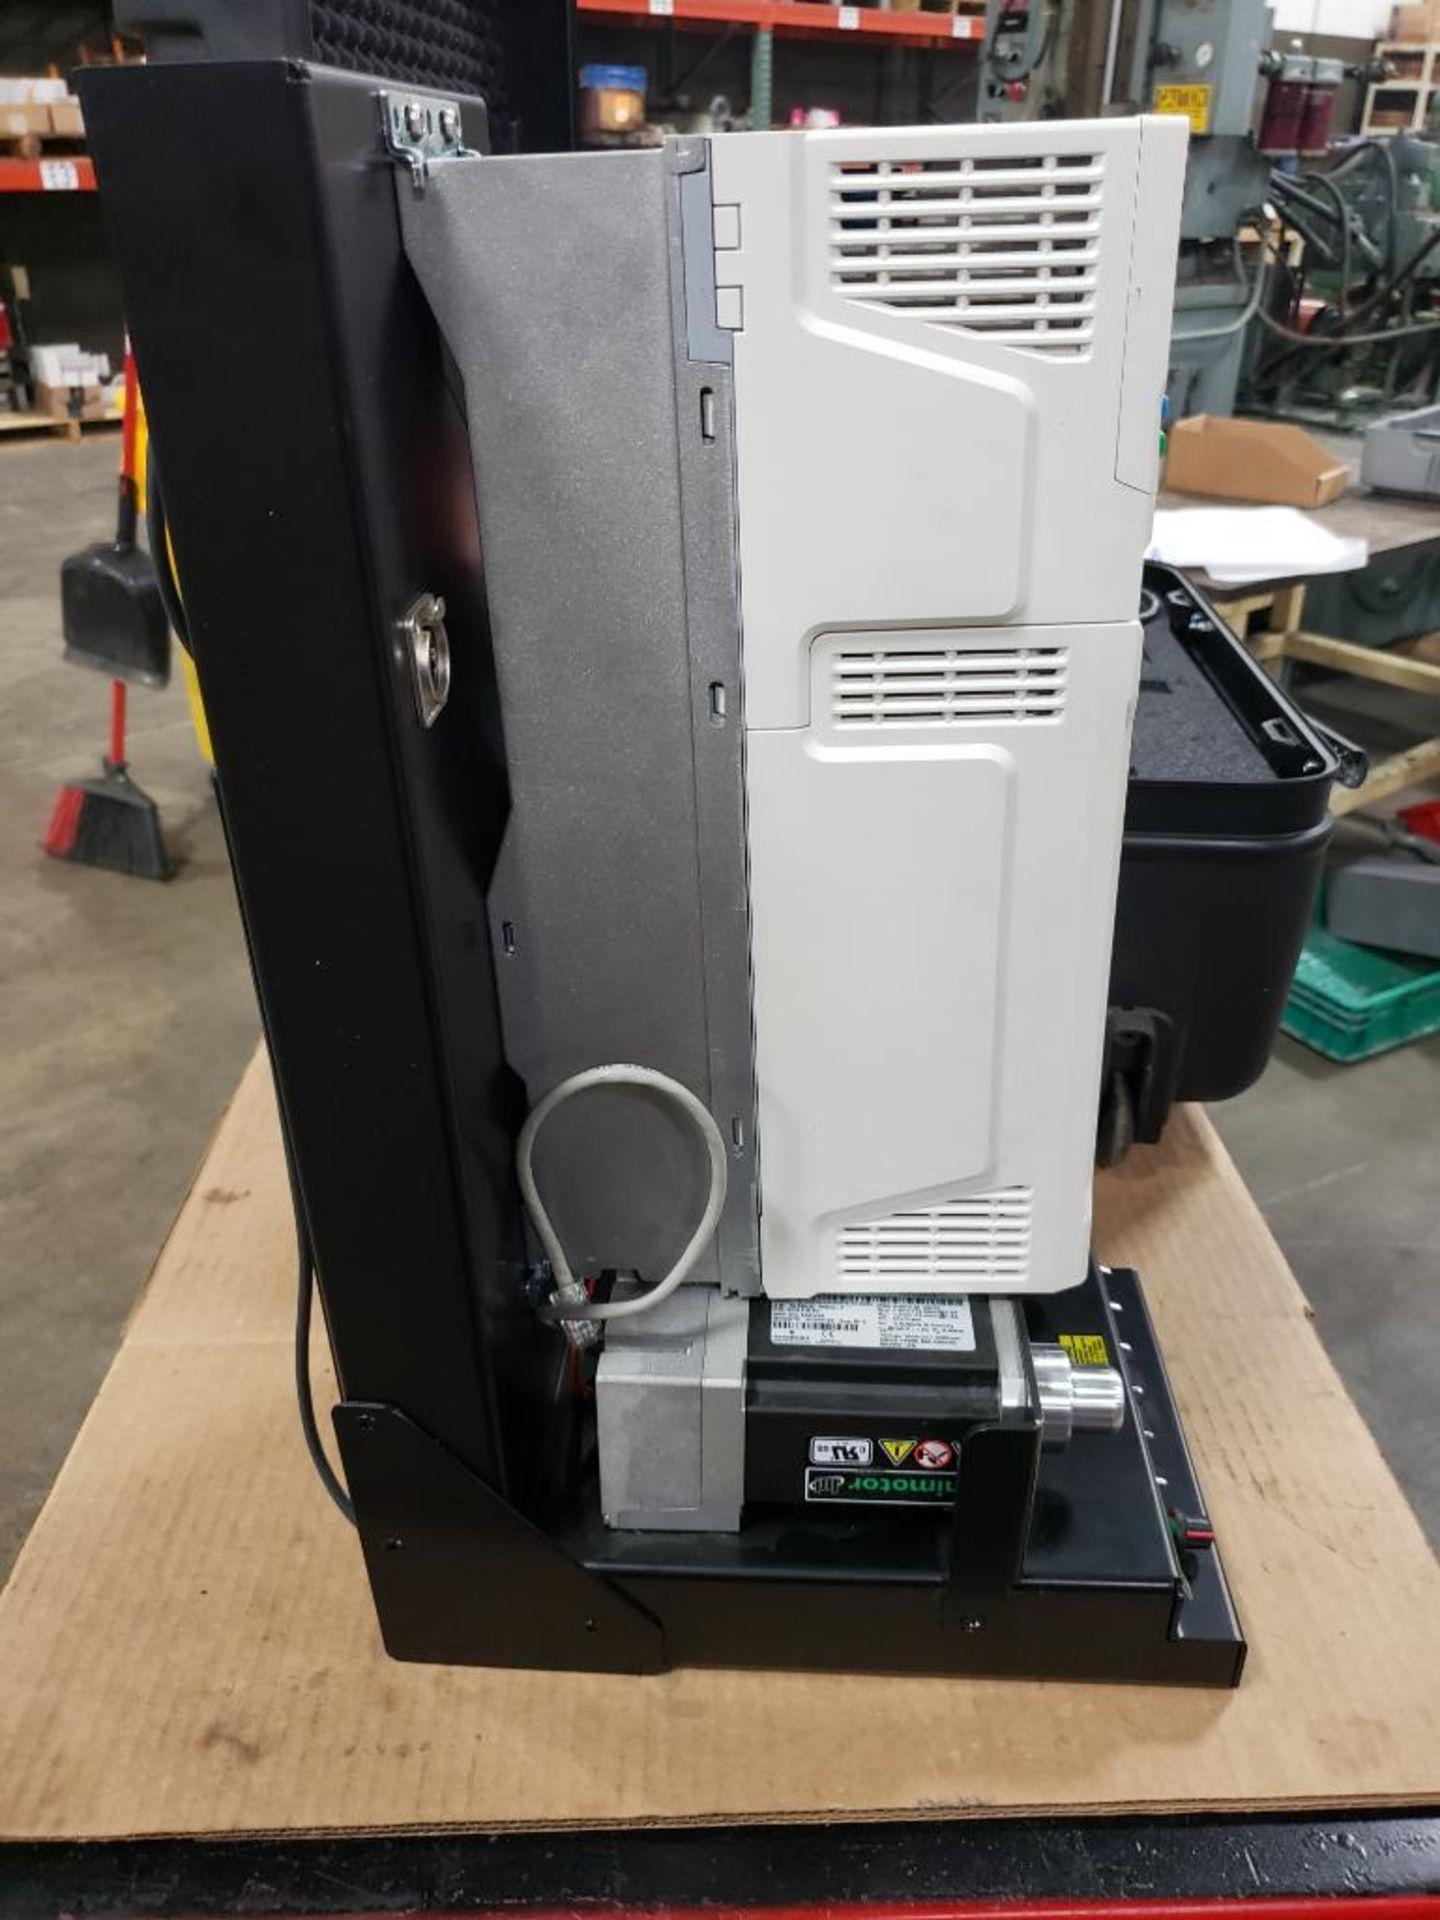 Travel test diagnostic Emerson drive unit. Emerson control Techniques DCM700. Unidrive M701. - Image 14 of 21